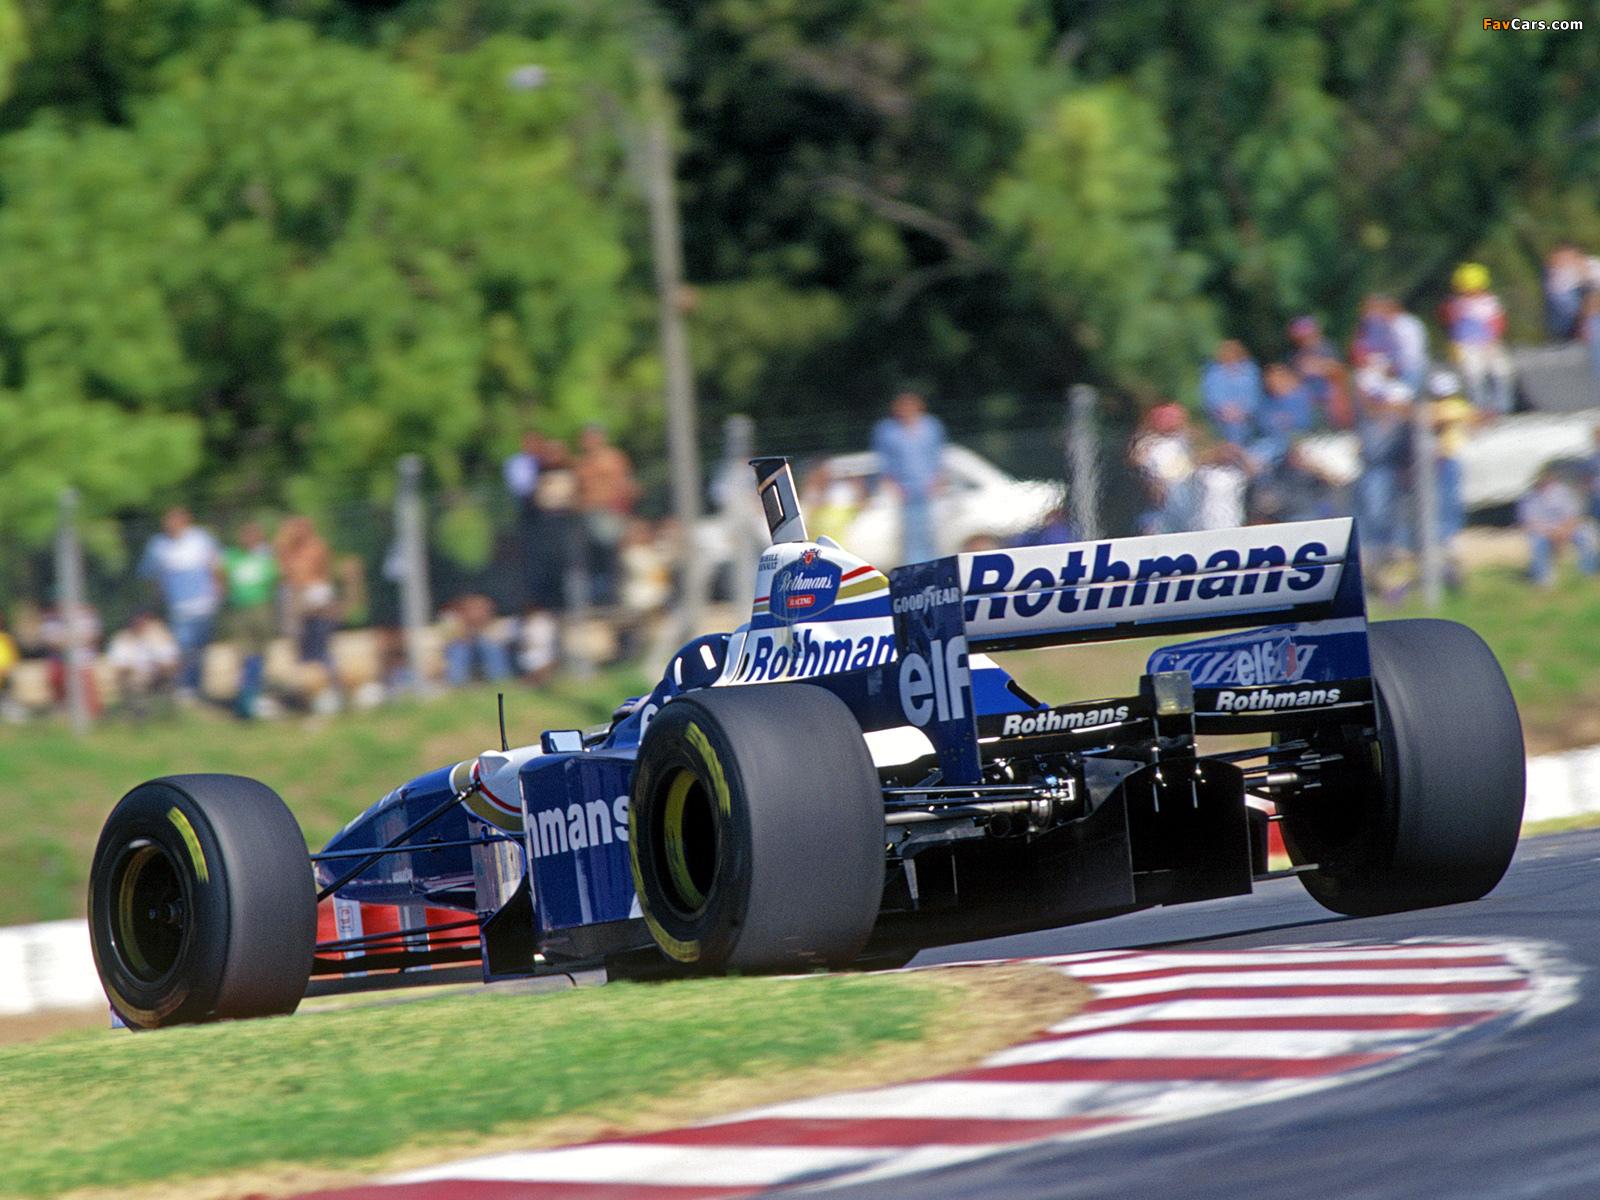 Williams Fw18 1996 Pictures 1600x1200